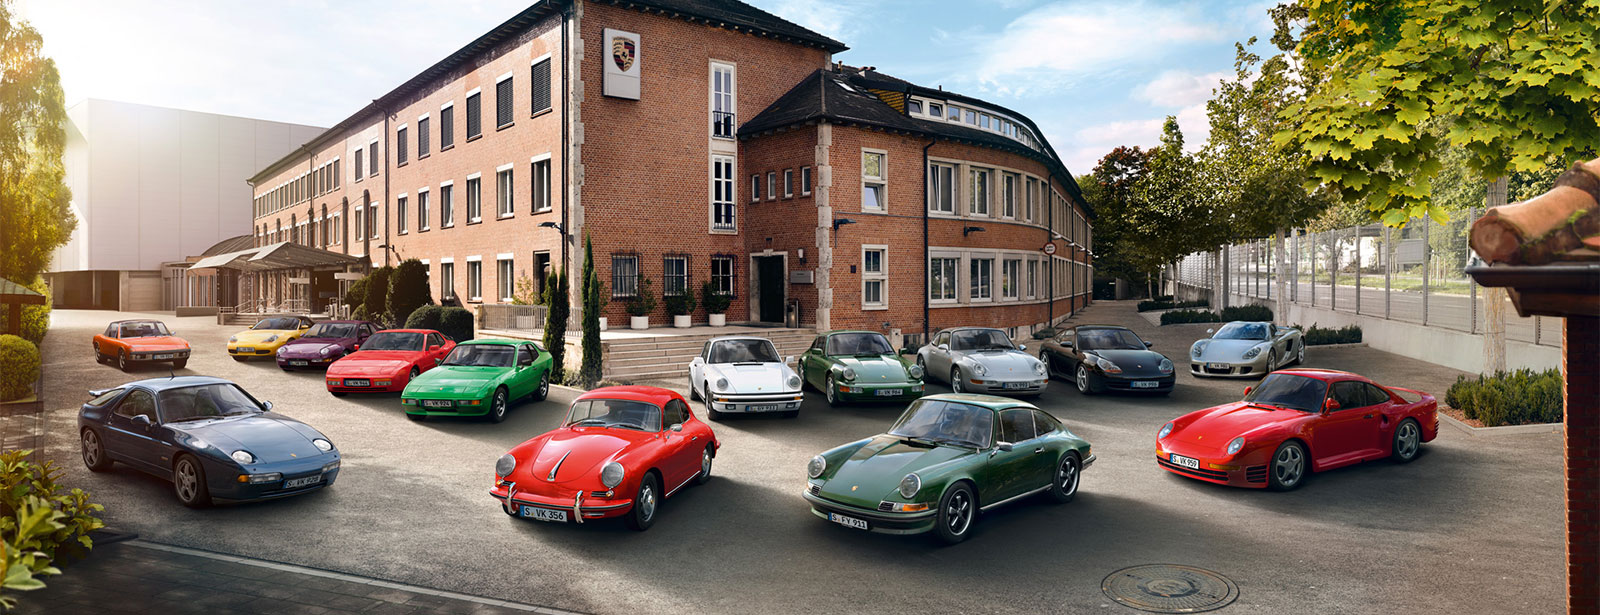 Porsche Classic Partner | Aktuelle Classic Fahrzeug Angebote